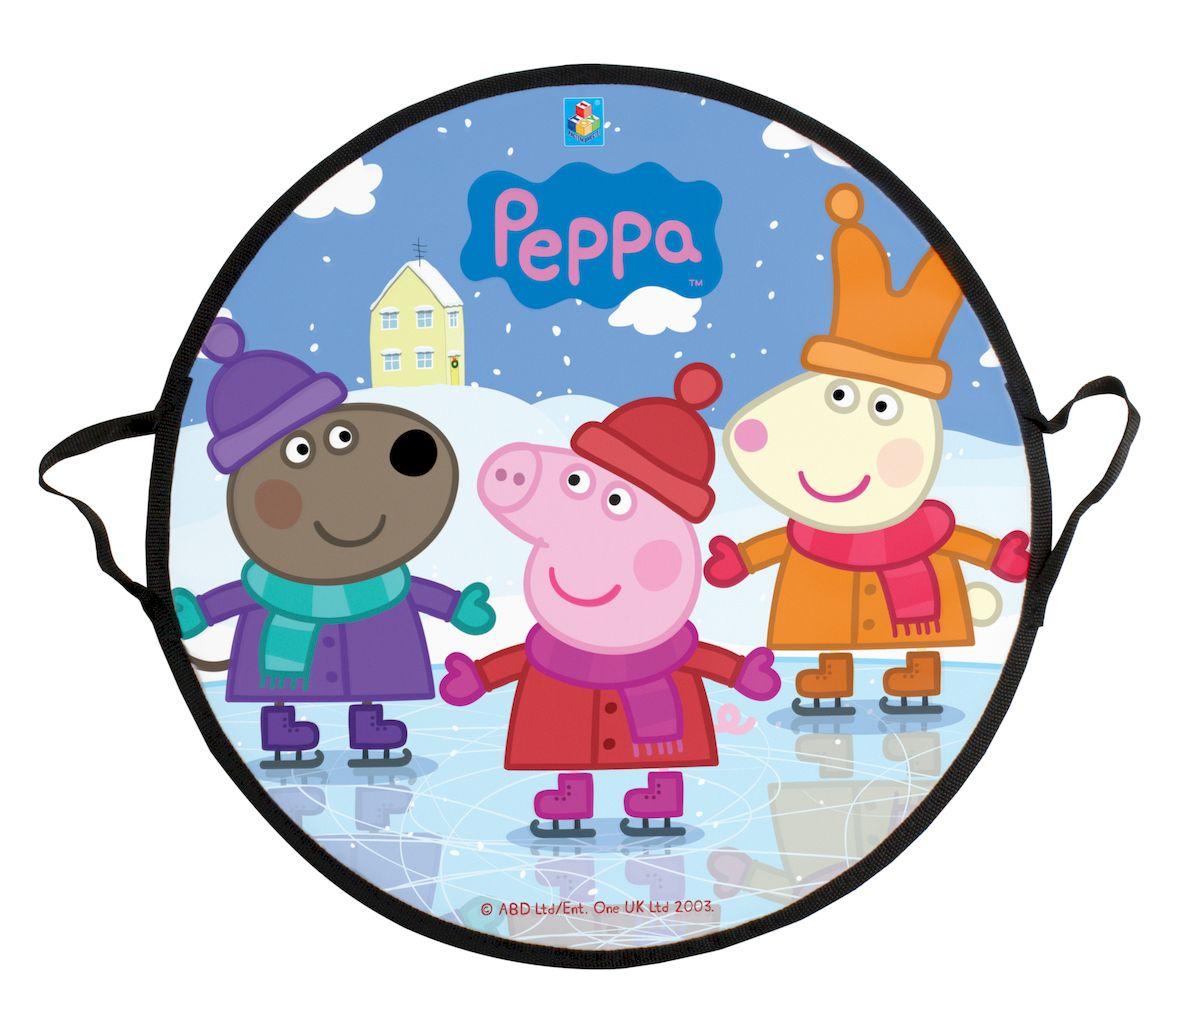 Ледянка 1toy Peppa, 52 смТ58470Круглая ледянка 1toy Peppa подойдет для любителей зимних спортивных развлечений. Выполнена из ПВХ.Ледянка имеет 2 ручки для удобства. На лицевой стороне имеется изображение с героями любимого мультфильма.